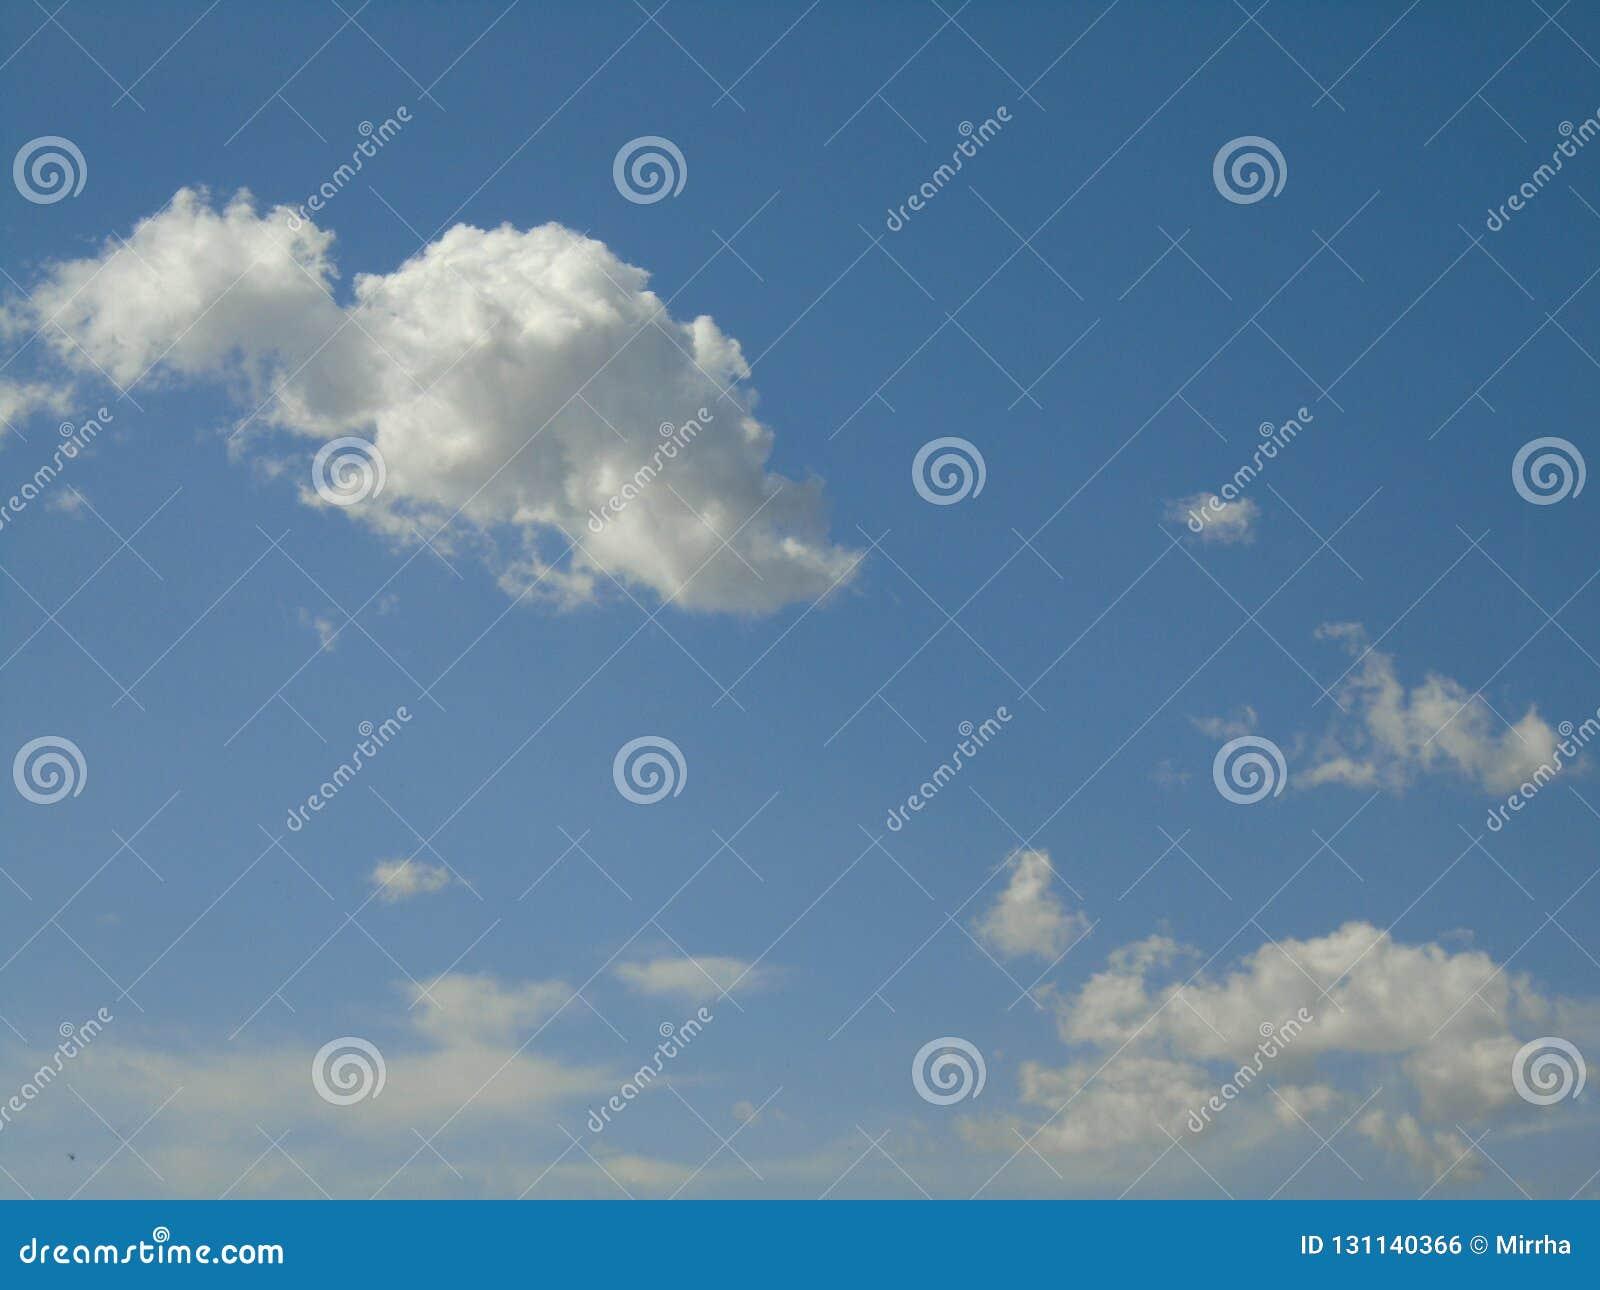 Ο ουρανός είναι ο βασιλιάς του awsomeness Ένα σύννεφο μοιάζει με έναν μικρό δεινόσαυρο